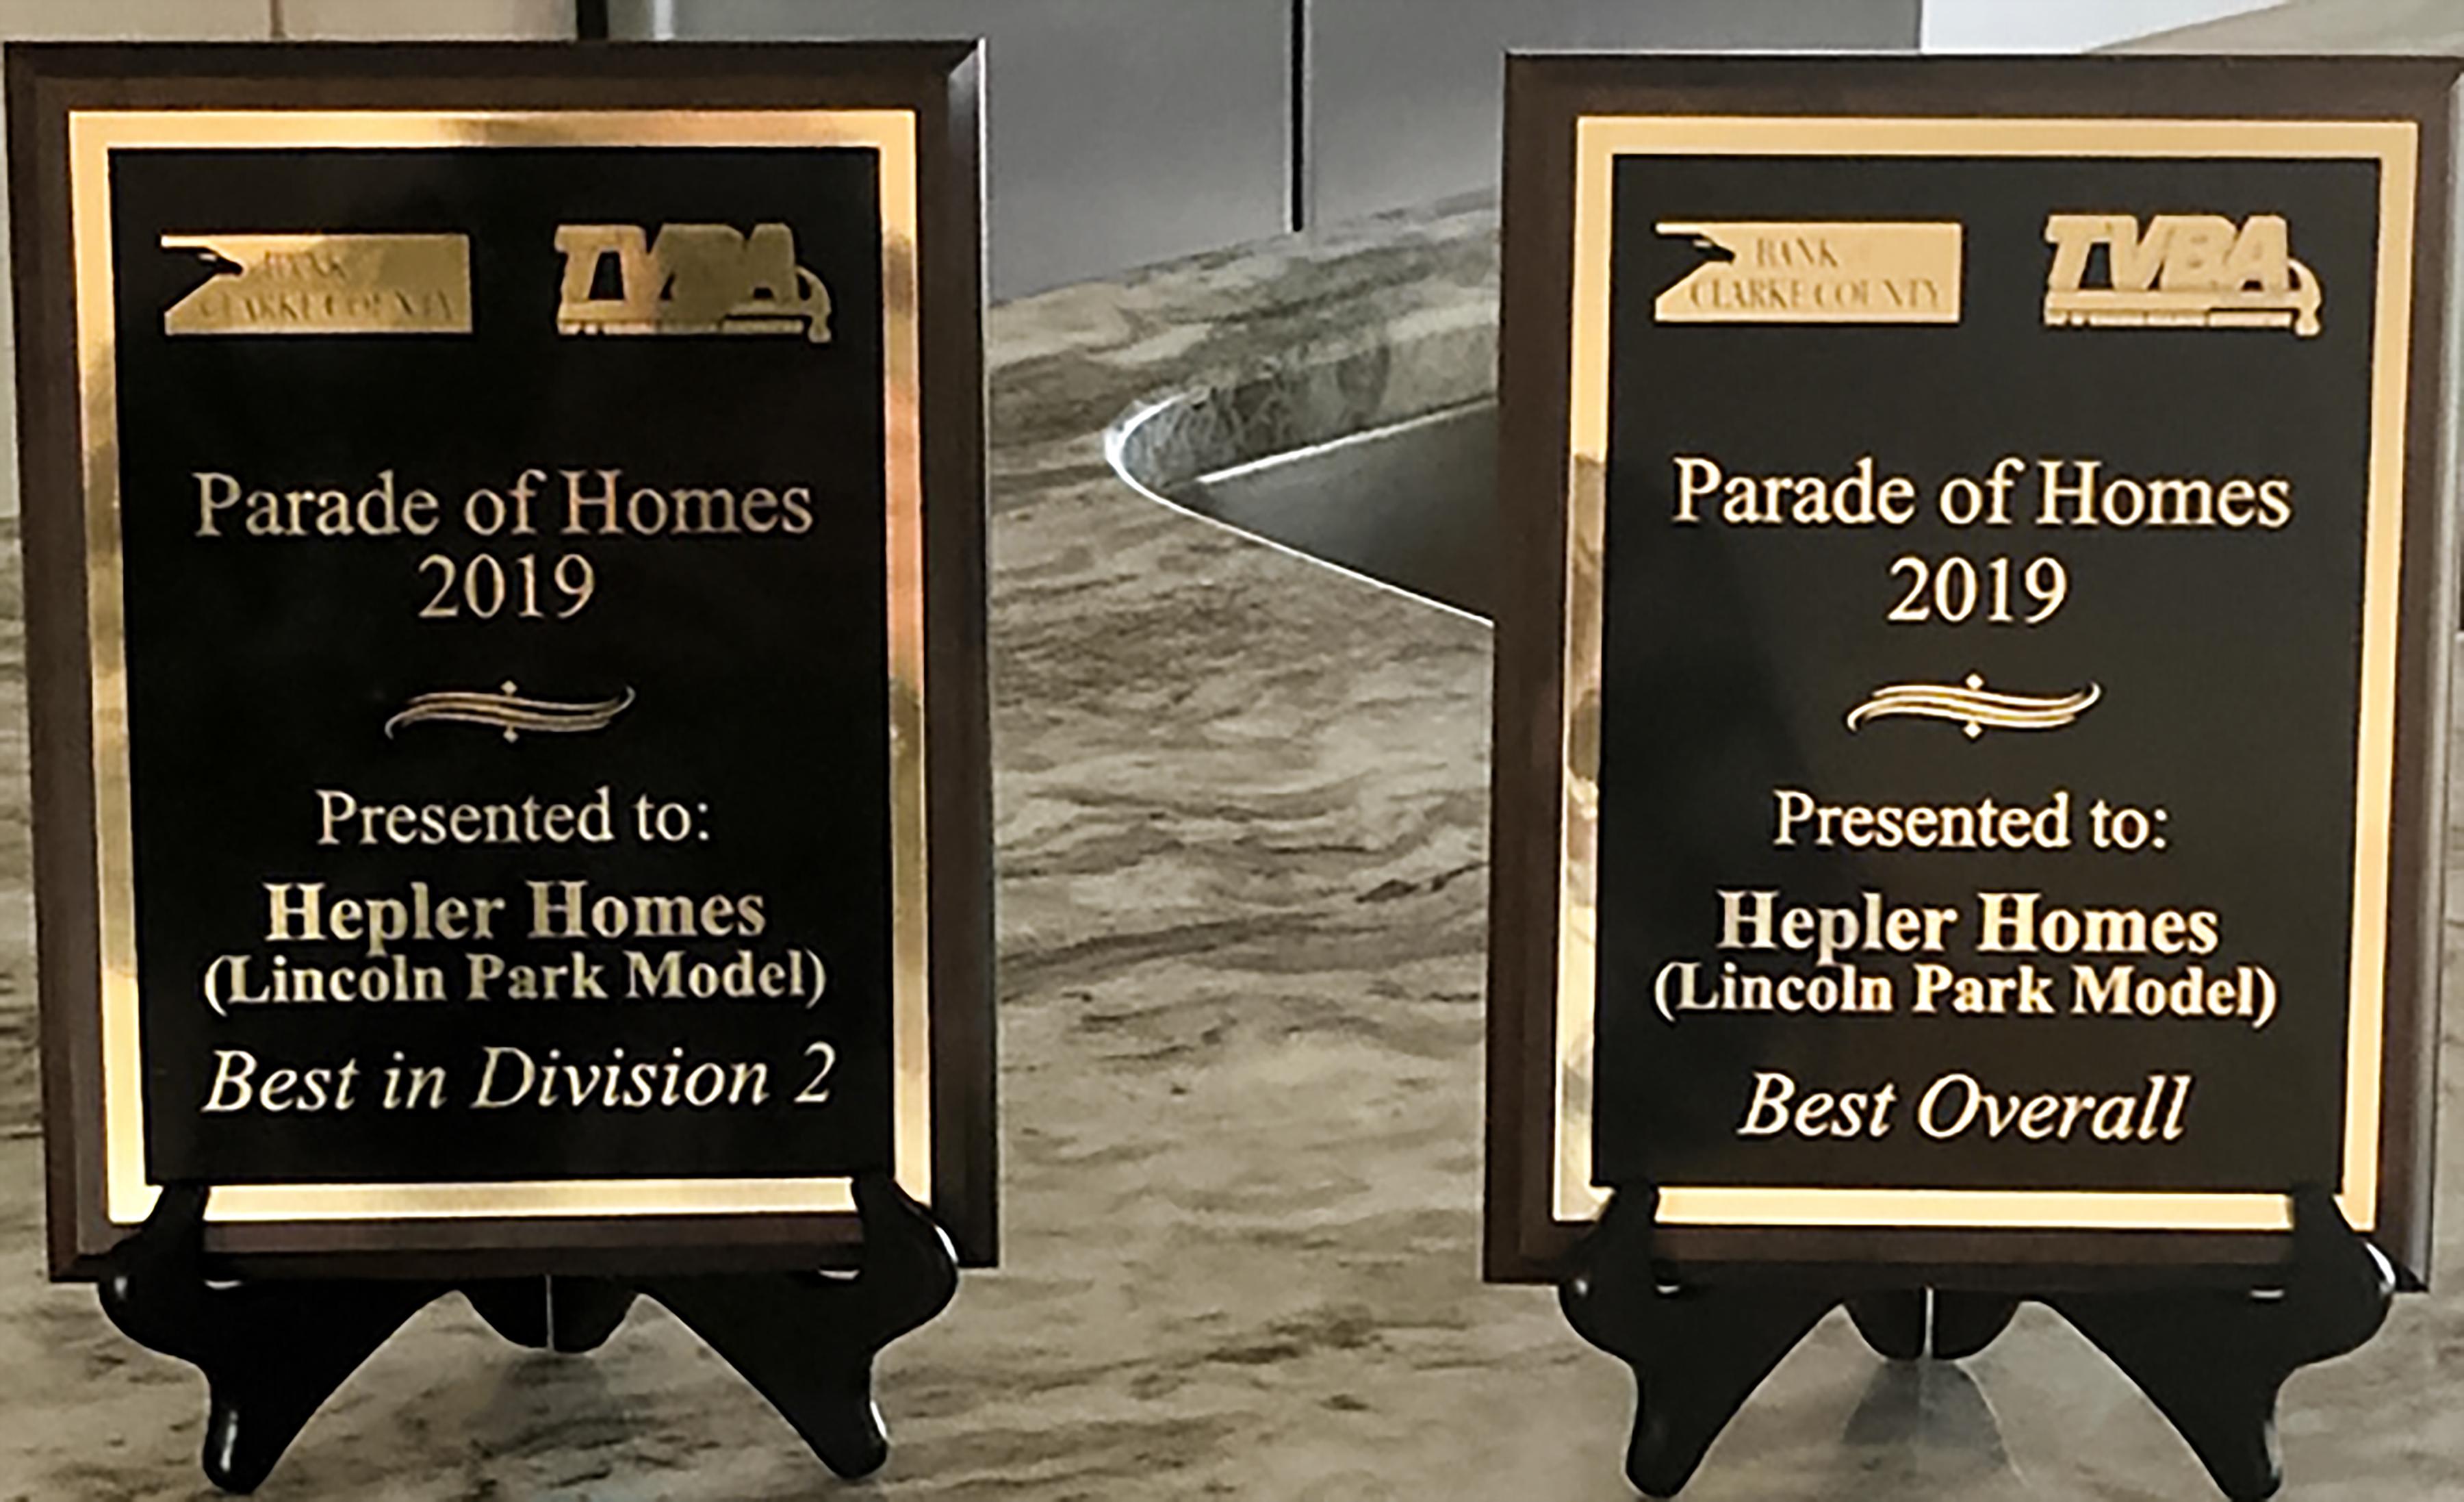 Parade of Homes Award Hepler Homes 2019